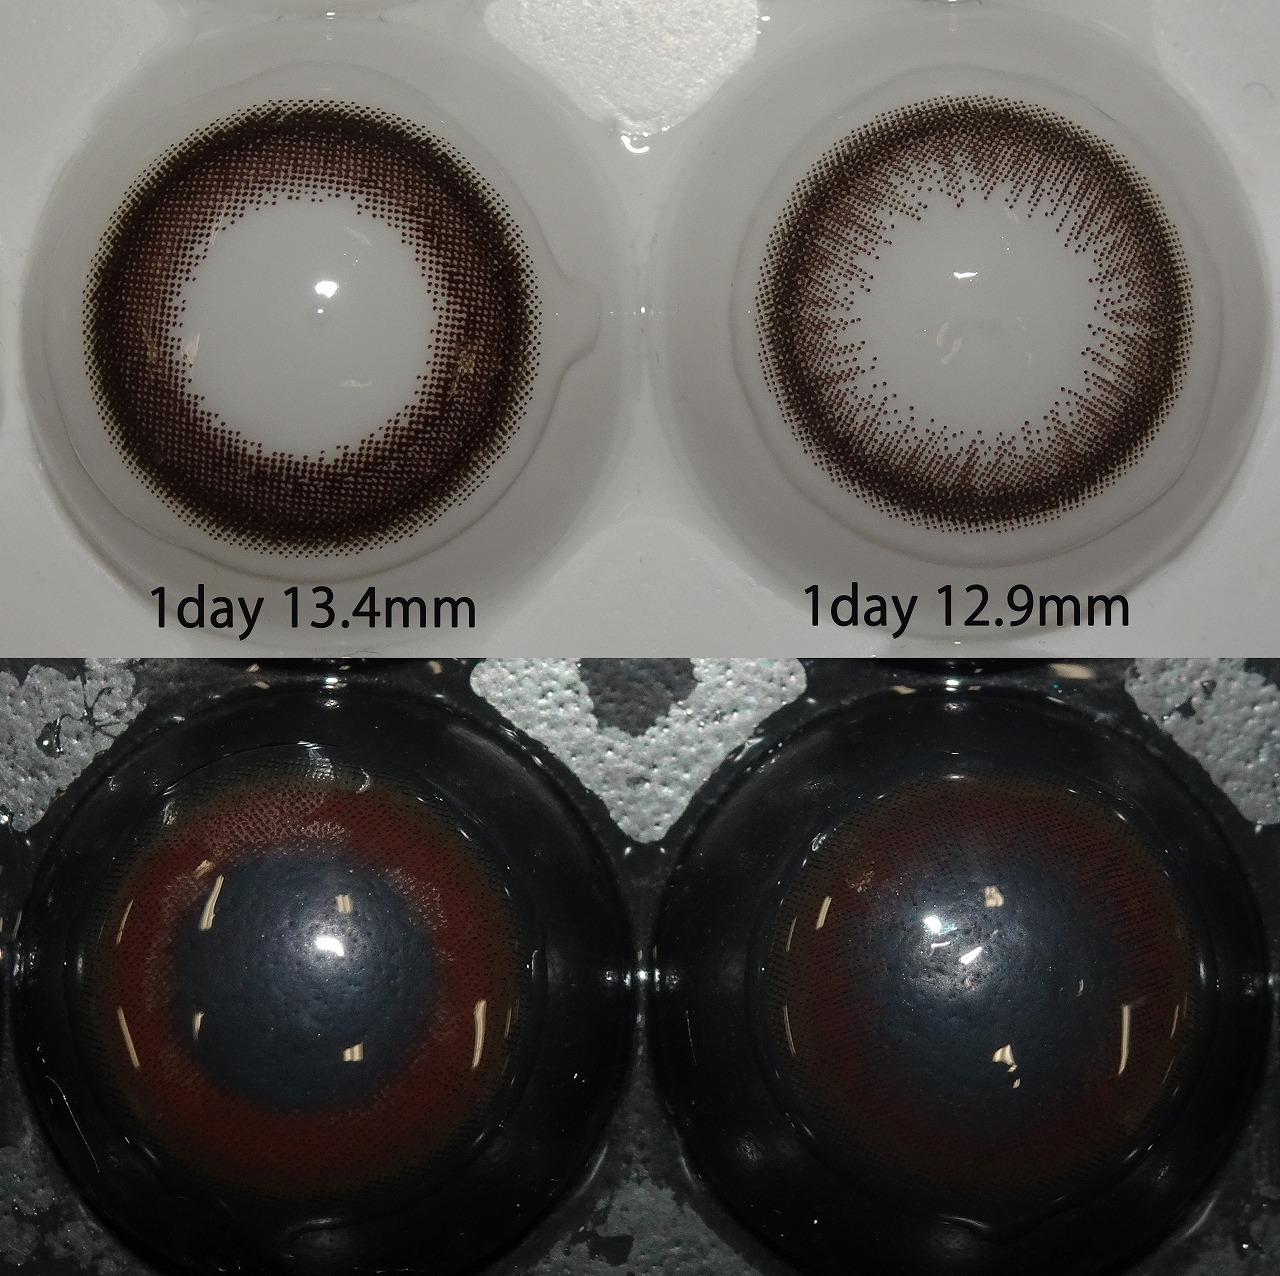 ダークブラウン13.4mm/12.9mmレンズ比較